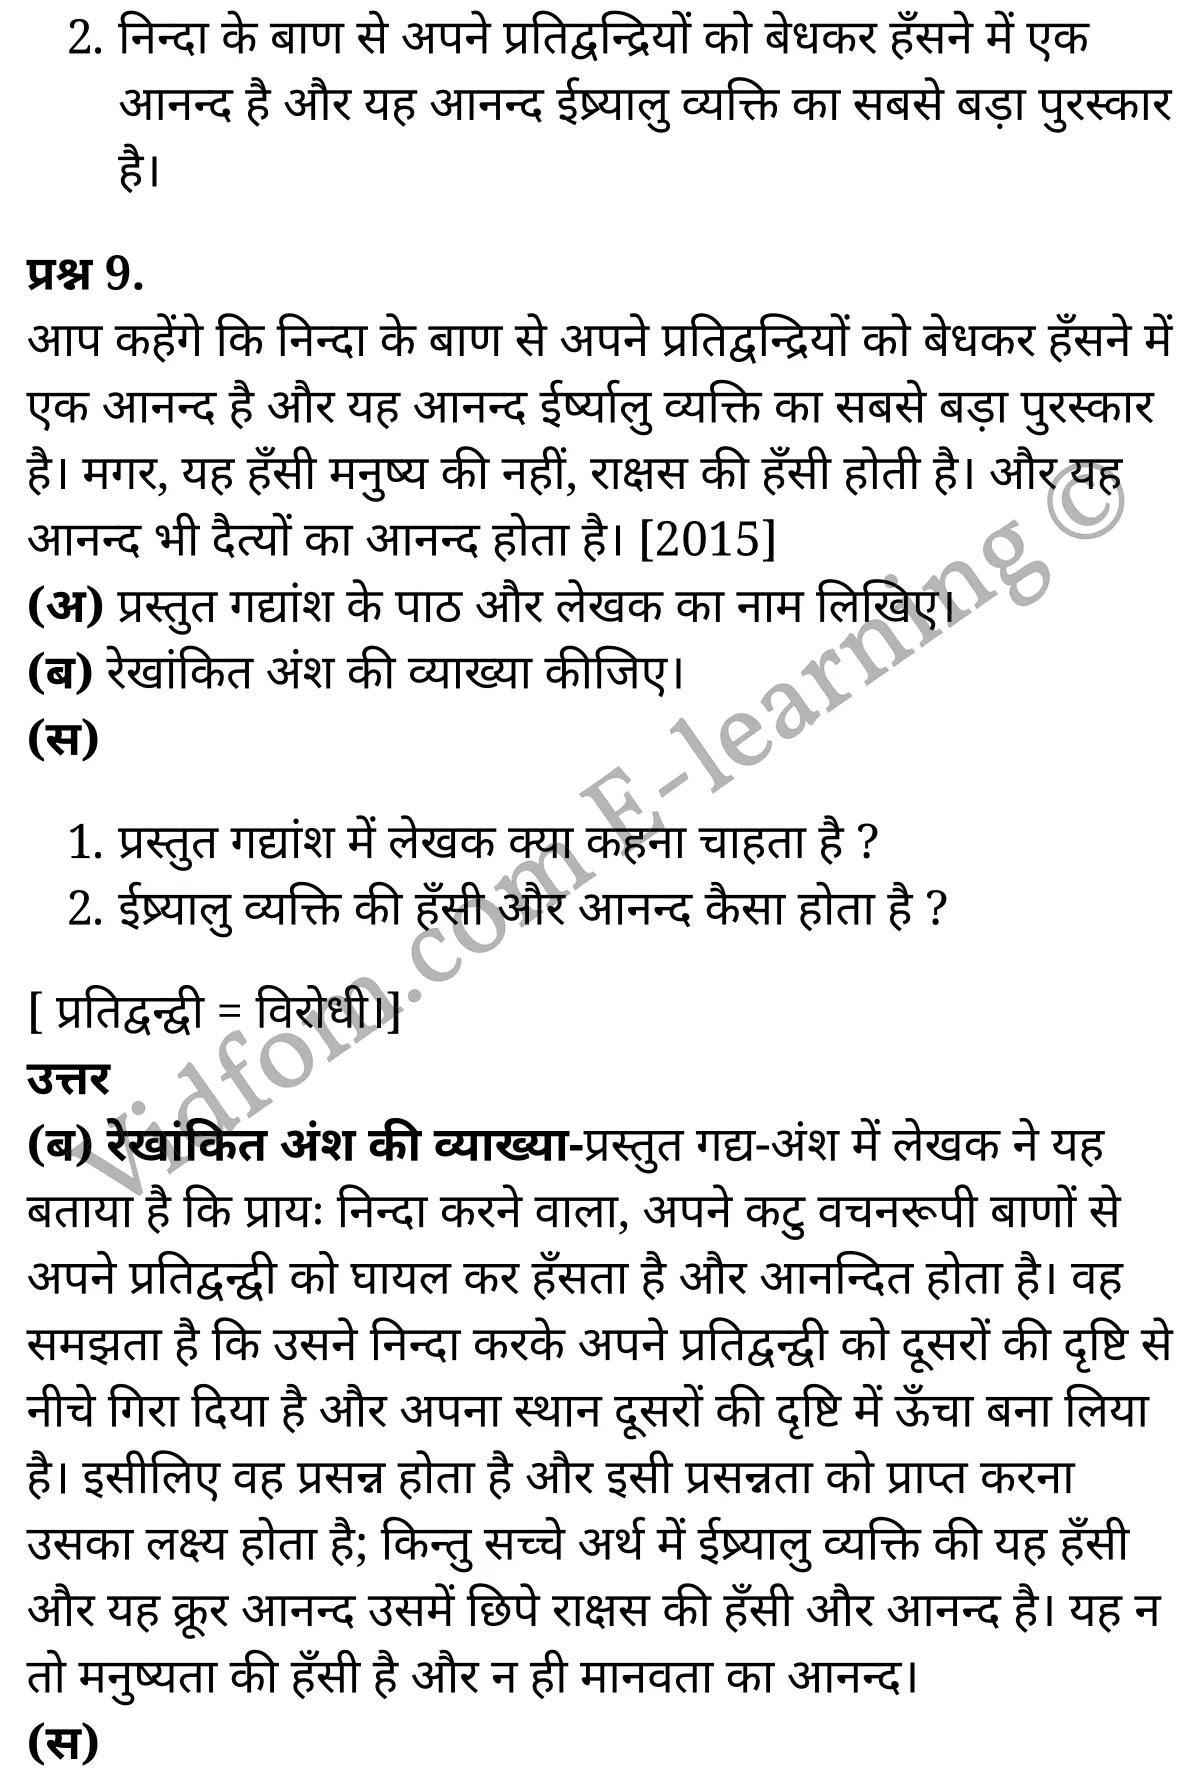 कक्षा 10 हिंदी  के नोट्स  हिंदी में एनसीईआरटी समाधान,     class 10 Hindi Gadya Chapter 5,   class 10 Hindi Gadya Chapter 5 ncert solutions in Hindi,   class 10 Hindi Gadya Chapter 5 notes in hindi,   class 10 Hindi Gadya Chapter 5 question answer,   class 10 Hindi Gadya Chapter 5 notes,   class 10 Hindi Gadya Chapter 5 class 10 Hindi Gadya Chapter 5 in  hindi,    class 10 Hindi Gadya Chapter 5 important questions in  hindi,   class 10 Hindi Gadya Chapter 5 notes in hindi,    class 10 Hindi Gadya Chapter 5 test,   class 10 Hindi Gadya Chapter 5 pdf,   class 10 Hindi Gadya Chapter 5 notes pdf,   class 10 Hindi Gadya Chapter 5 exercise solutions,   class 10 Hindi Gadya Chapter 5 notes study rankers,   class 10 Hindi Gadya Chapter 5 notes,    class 10 Hindi Gadya Chapter 5  class 10  notes pdf,   class 10 Hindi Gadya Chapter 5 class 10  notes  ncert,   class 10 Hindi Gadya Chapter 5 class 10 pdf,   class 10 Hindi Gadya Chapter 5  book,   class 10 Hindi Gadya Chapter 5 quiz class 10  ,   कक्षा 10 ईष्र्या तू न गयी मेरे मन से,  कक्षा 10 ईष्र्या तू न गयी मेरे मन से  के नोट्स हिंदी में,  कक्षा 10 ईष्र्या तू न गयी मेरे मन से प्रश्न उत्तर,  कक्षा 10 ईष्र्या तू न गयी मेरे मन से के नोट्स,  10 कक्षा ईष्र्या तू न गयी मेरे मन से  हिंदी में, कक्षा 10 ईष्र्या तू न गयी मेरे मन से  हिंदी में,  कक्षा 10 ईष्र्या तू न गयी मेरे मन से  महत्वपूर्ण प्रश्न हिंदी में, कक्षा 10 हिंदी के नोट्स  हिंदी में, ईष्र्या तू न गयी मेरे मन से हिंदी में कक्षा 10 नोट्स pdf,    ईष्र्या तू न गयी मेरे मन से हिंदी में  कक्षा 10 नोट्स 2021 ncert,   ईष्र्या तू न गयी मेरे मन से हिंदी  कक्षा 10 pdf,   ईष्र्या तू न गयी मेरे मन से हिंदी में  पुस्तक,   ईष्र्या तू न गयी मेरे मन से हिंदी में की बुक,   ईष्र्या तू न गयी मेरे मन से हिंदी में  प्रश्नोत्तरी class 10 ,  10   वीं ईष्र्या तू न गयी मेरे मन से  पुस्तक up board,   बिहार बोर्ड 10  पुस्तक वीं ईष्र्या तू न गयी मेरे मन से नोट्स,    ईष्र्या तू न गयी मेरे मन से  कक्षा 10 नोट्स 2021 ncert,   ईष्र्या तू न गयी मेरे मन से  कक्षा 10 pdf,   ईष्र्या तू न गयी मेरे मन से  पुस्तक,